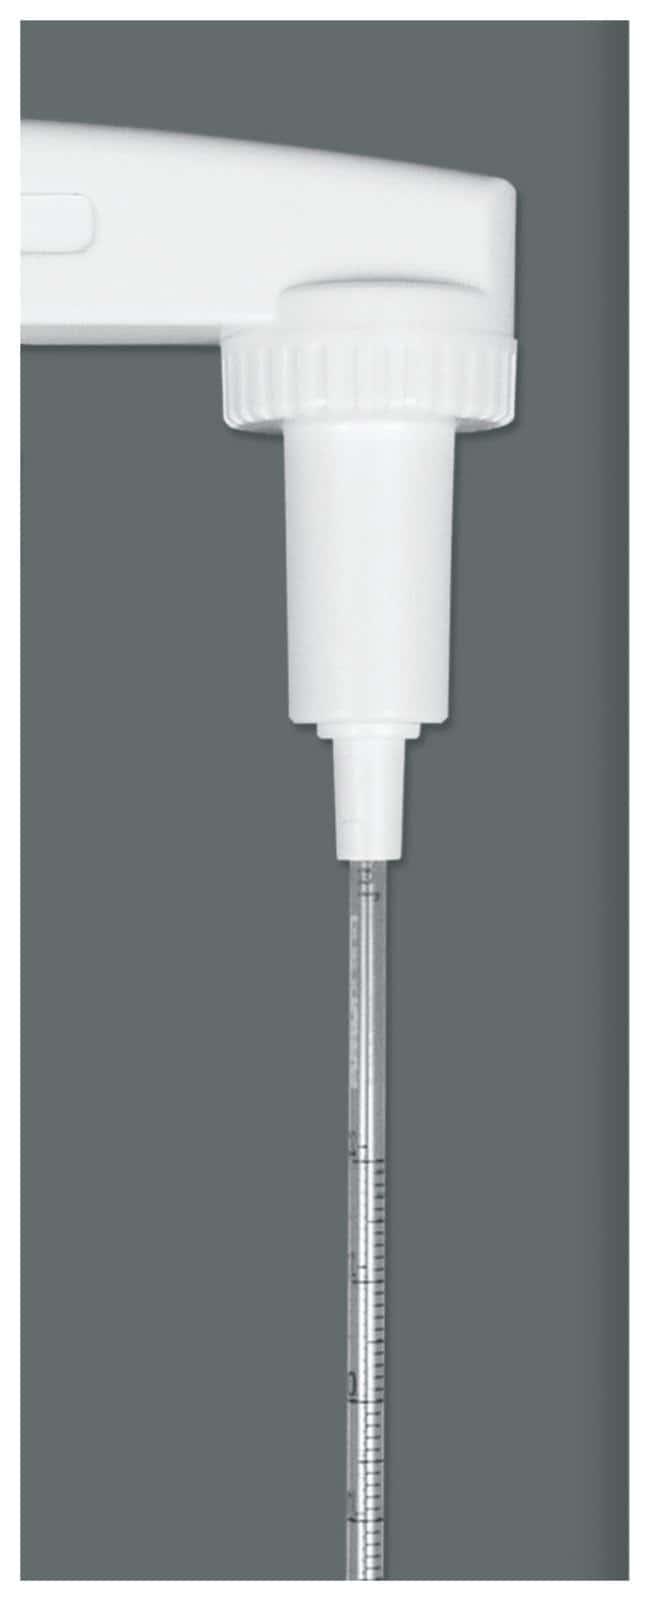 Thermo Scientific™Accesorios para pipeteadores S1 Accesorio de S1, Portaobjetivos, Incluye: Soporte, pinza de silicona y filtro; Tamaño de la unidad: 1 unidad Ver productos